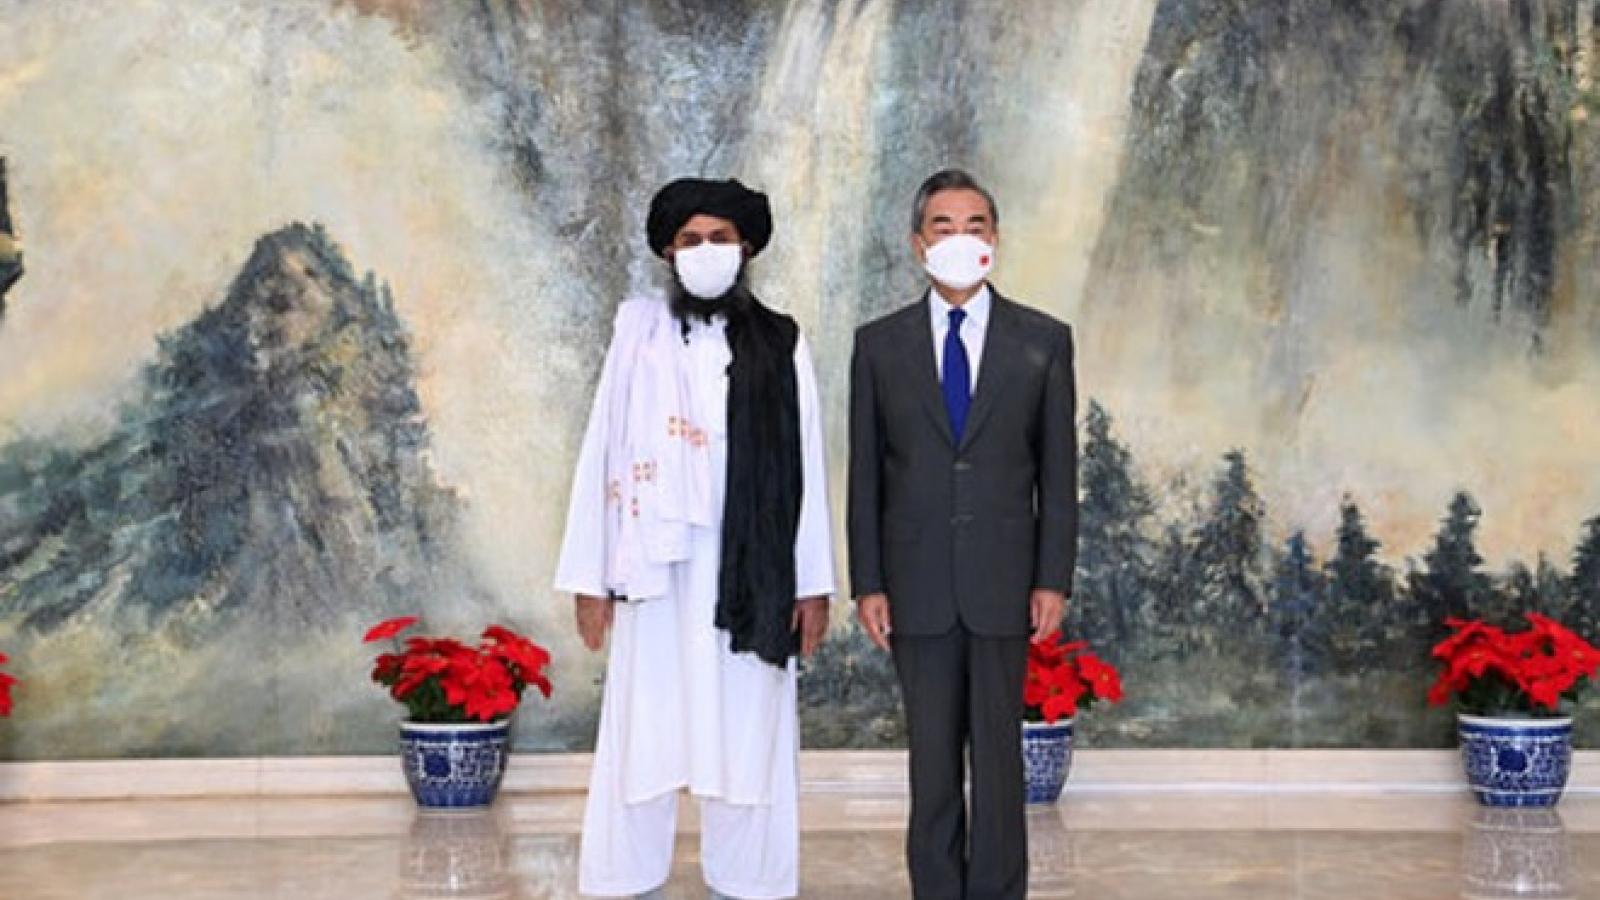 Trung Quốc cấp 1 triệu USD cho Afghanistan sau cuộc gặp với đại diện Taliban